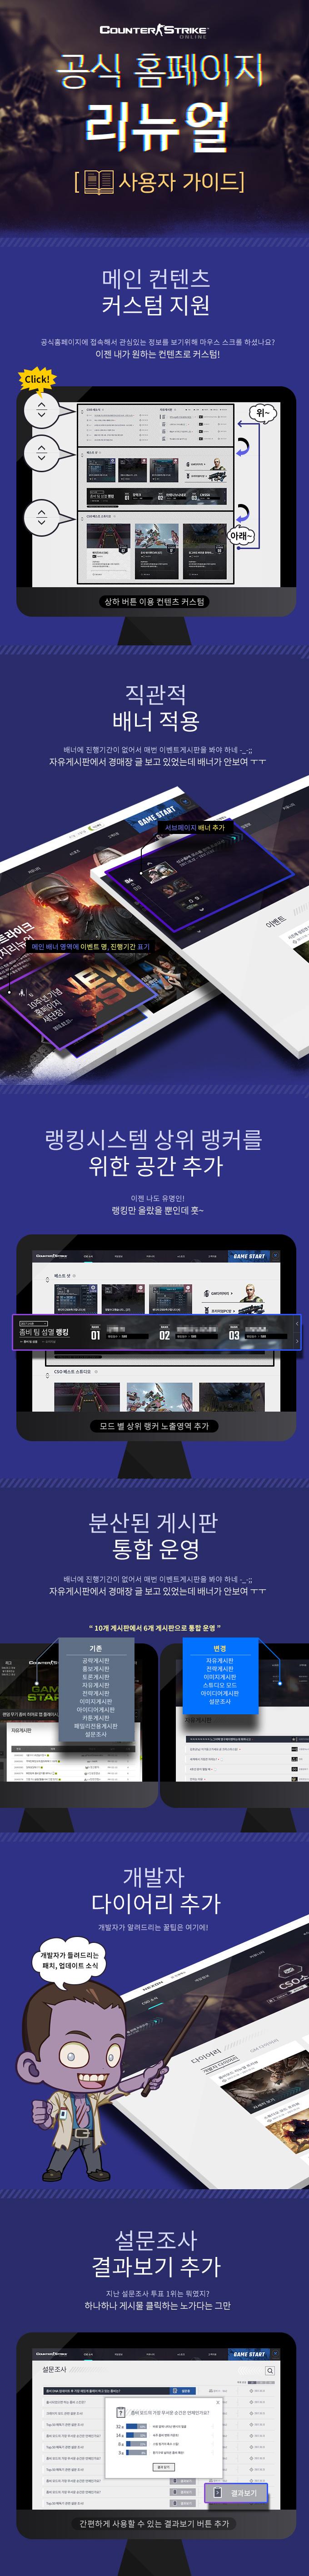 공식 홈페이지 리뉴얼 사용자 가이드